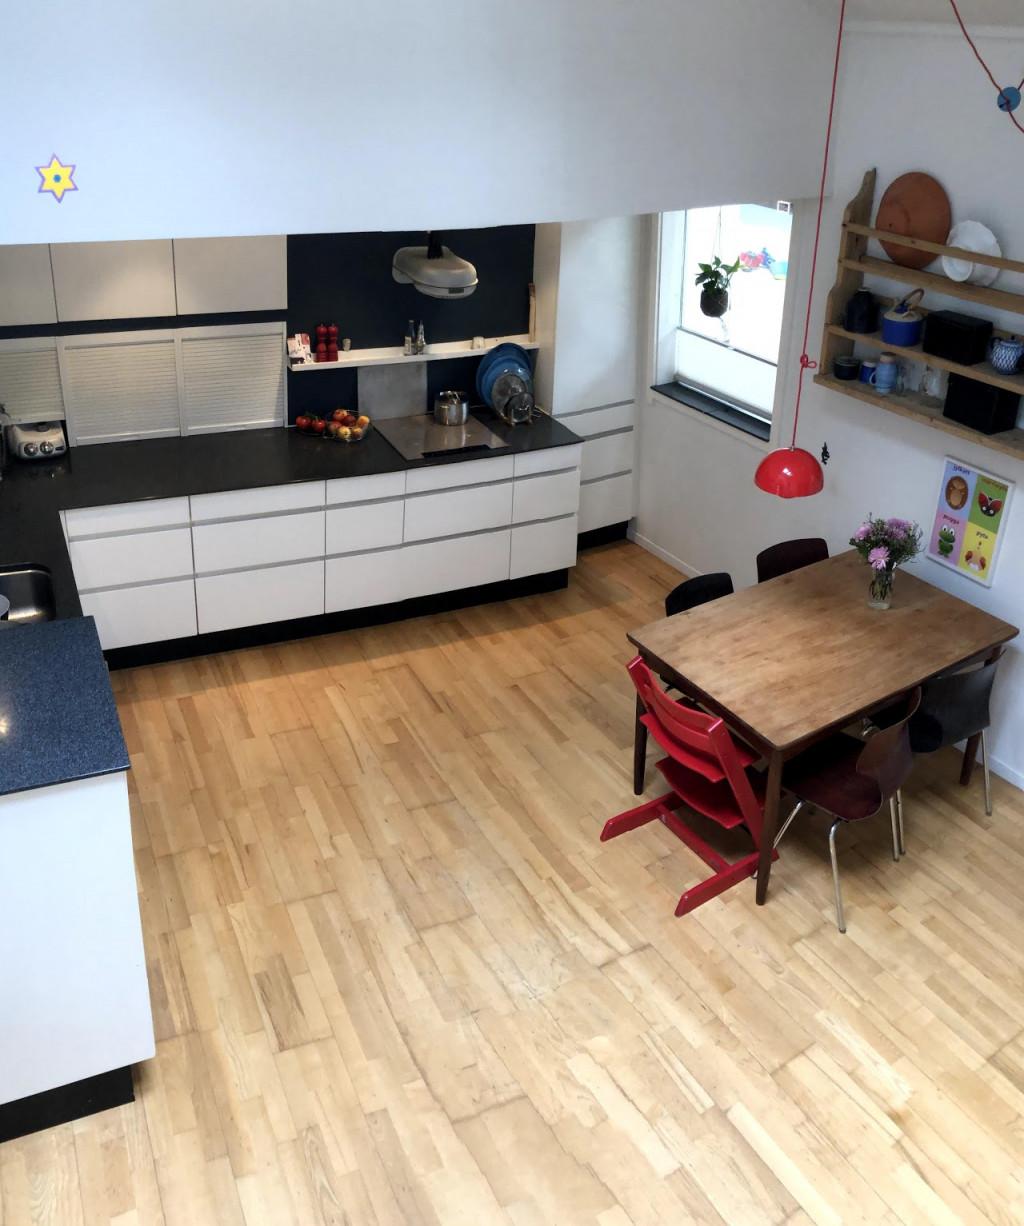 4-5 værelser i Roskildes bedste bofællesskab - AF1QipPn49PBIcCfhv7jjgdxd6vRMyTFnP_E4Ul_32aRw3850-h3980_0e25268a8826f7025ac5cd3541614a77